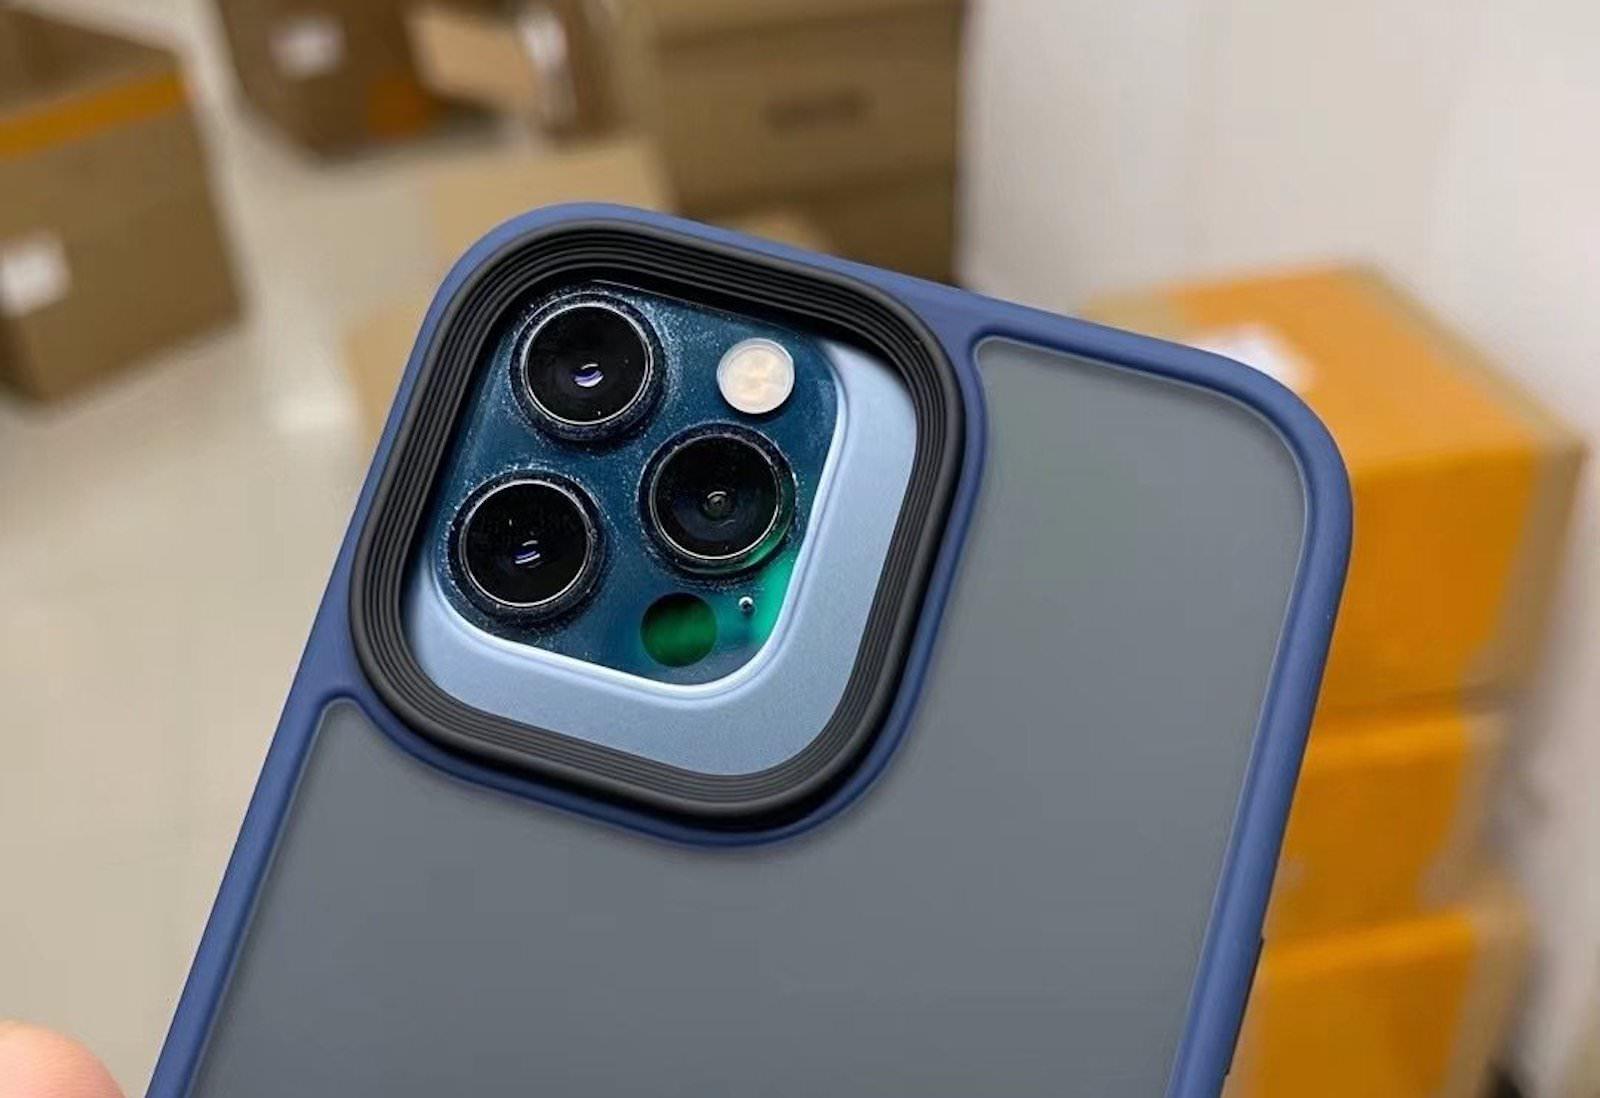 gigantic-iphone13promax-camera